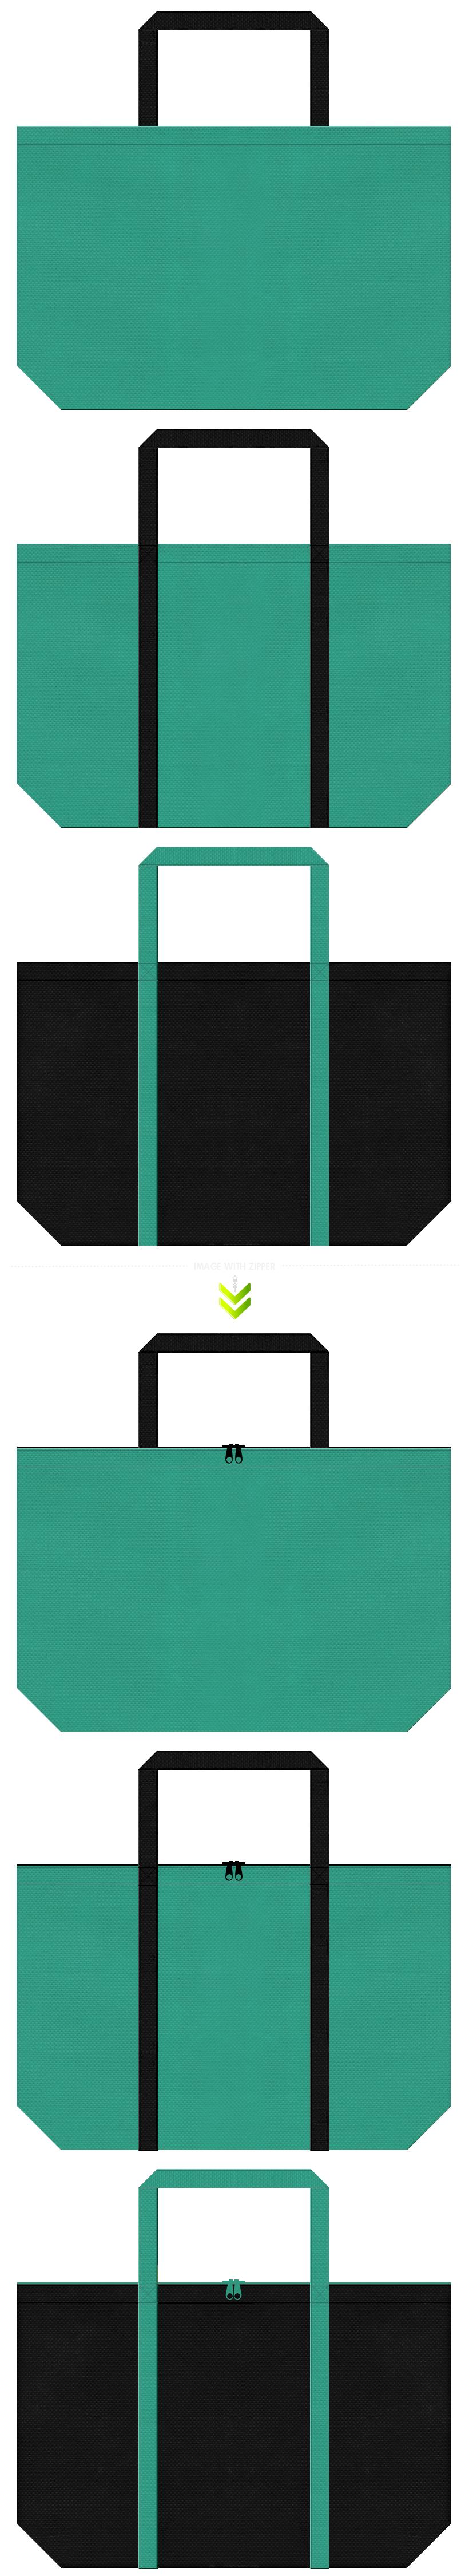 ネイル・コスメ・ユニフォーム・運動靴・アウトドア・スポーツ用品のショッピングバッグ・ランドリーバッグにお奨めの不織布バッグデザイン:青緑色と黒色のコーデ